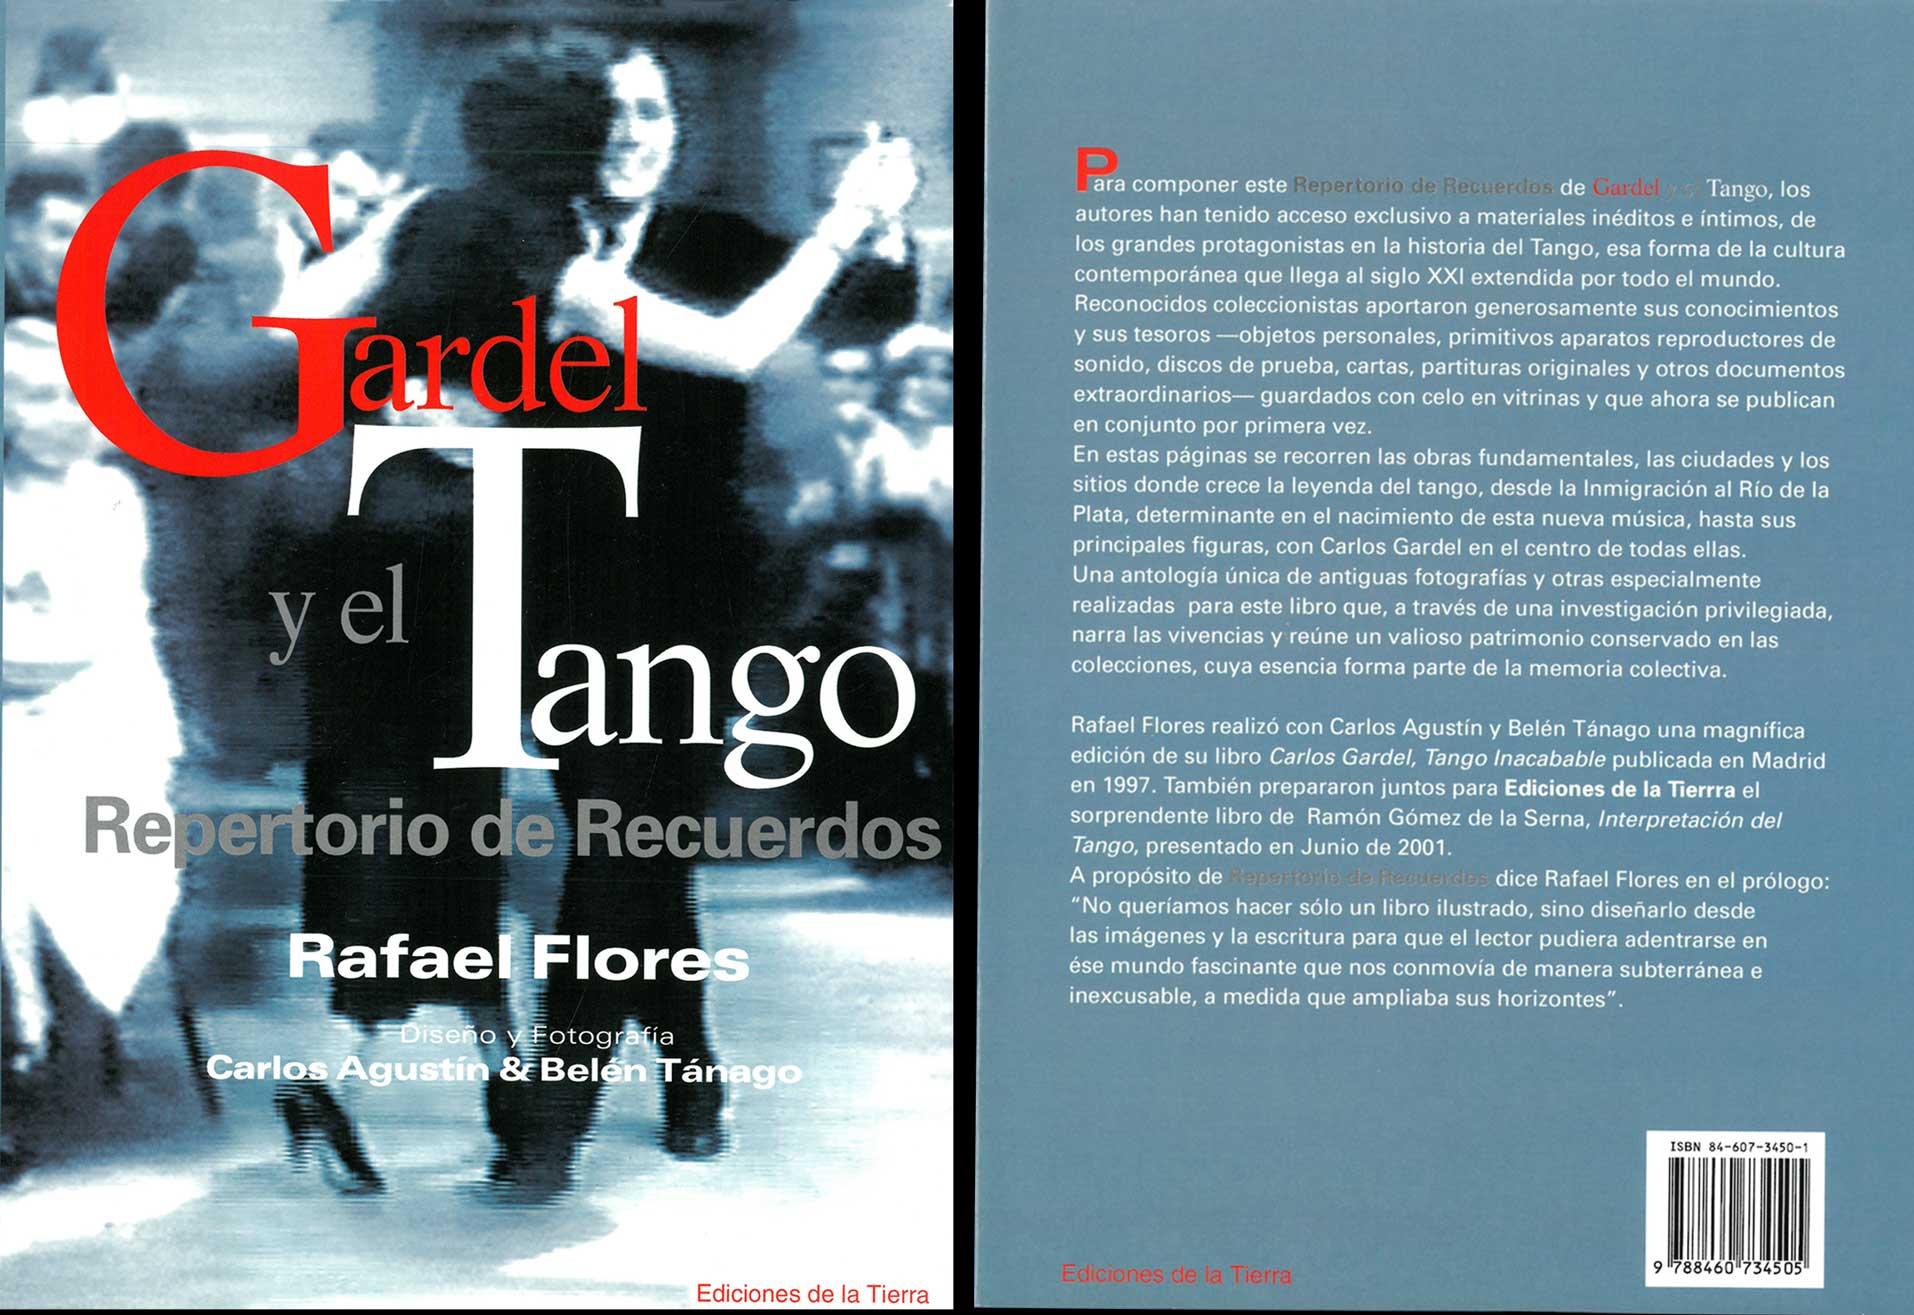 05_Gardel-y-el-tango-Repertorio-de-recuerdos